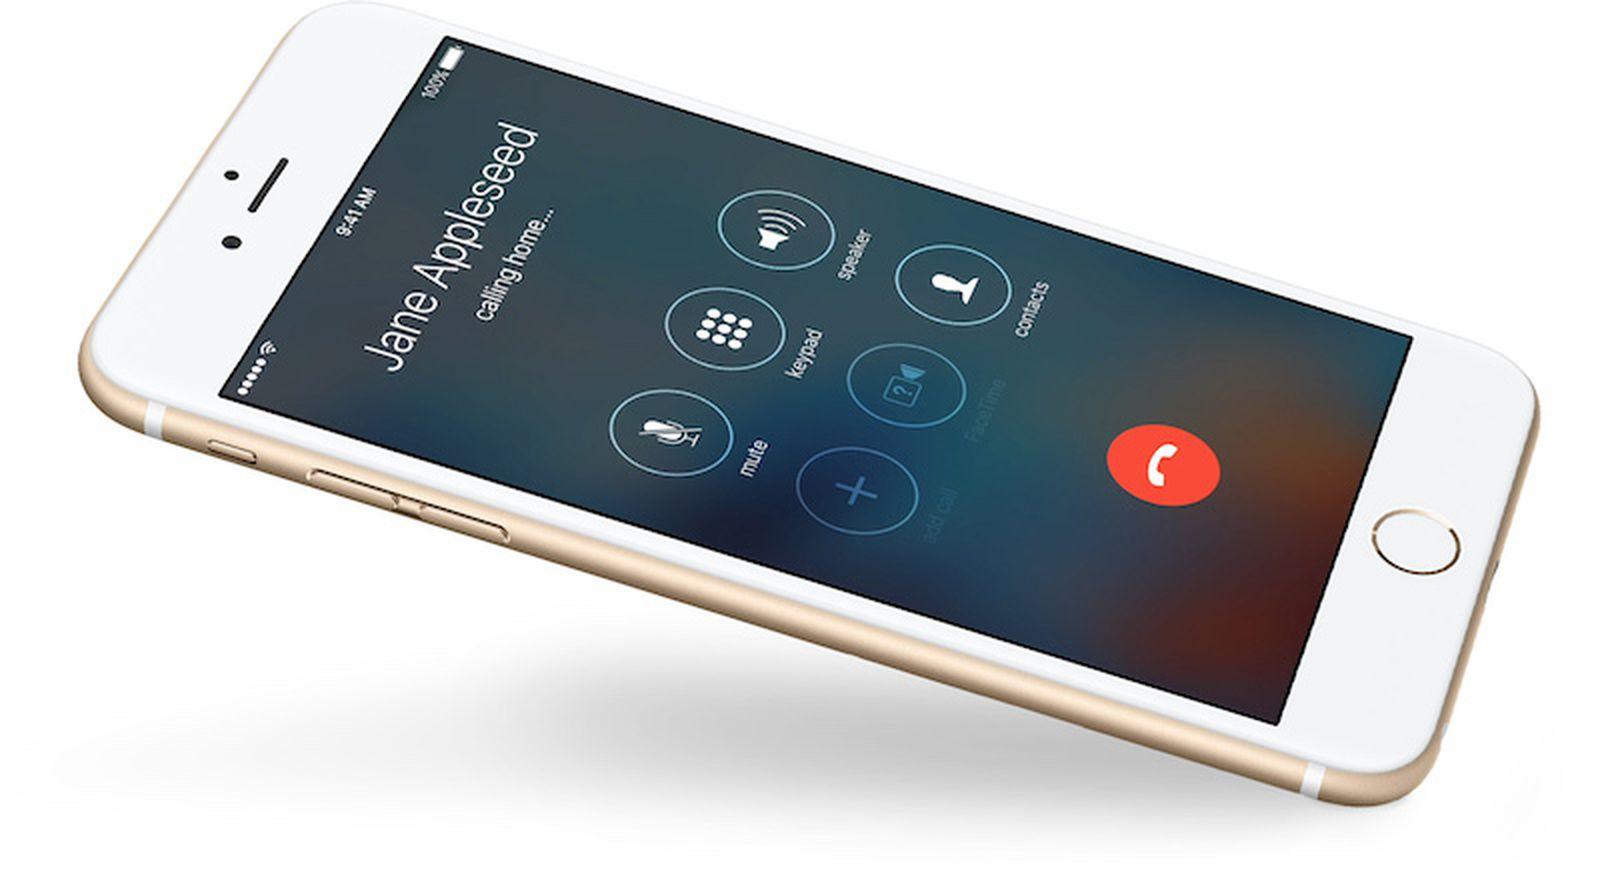 Apple continue de facturer aux clients plus de 300 $ pour un défaut de microphone de l'iPhone 7 malgré l'offre de réparations gratuites